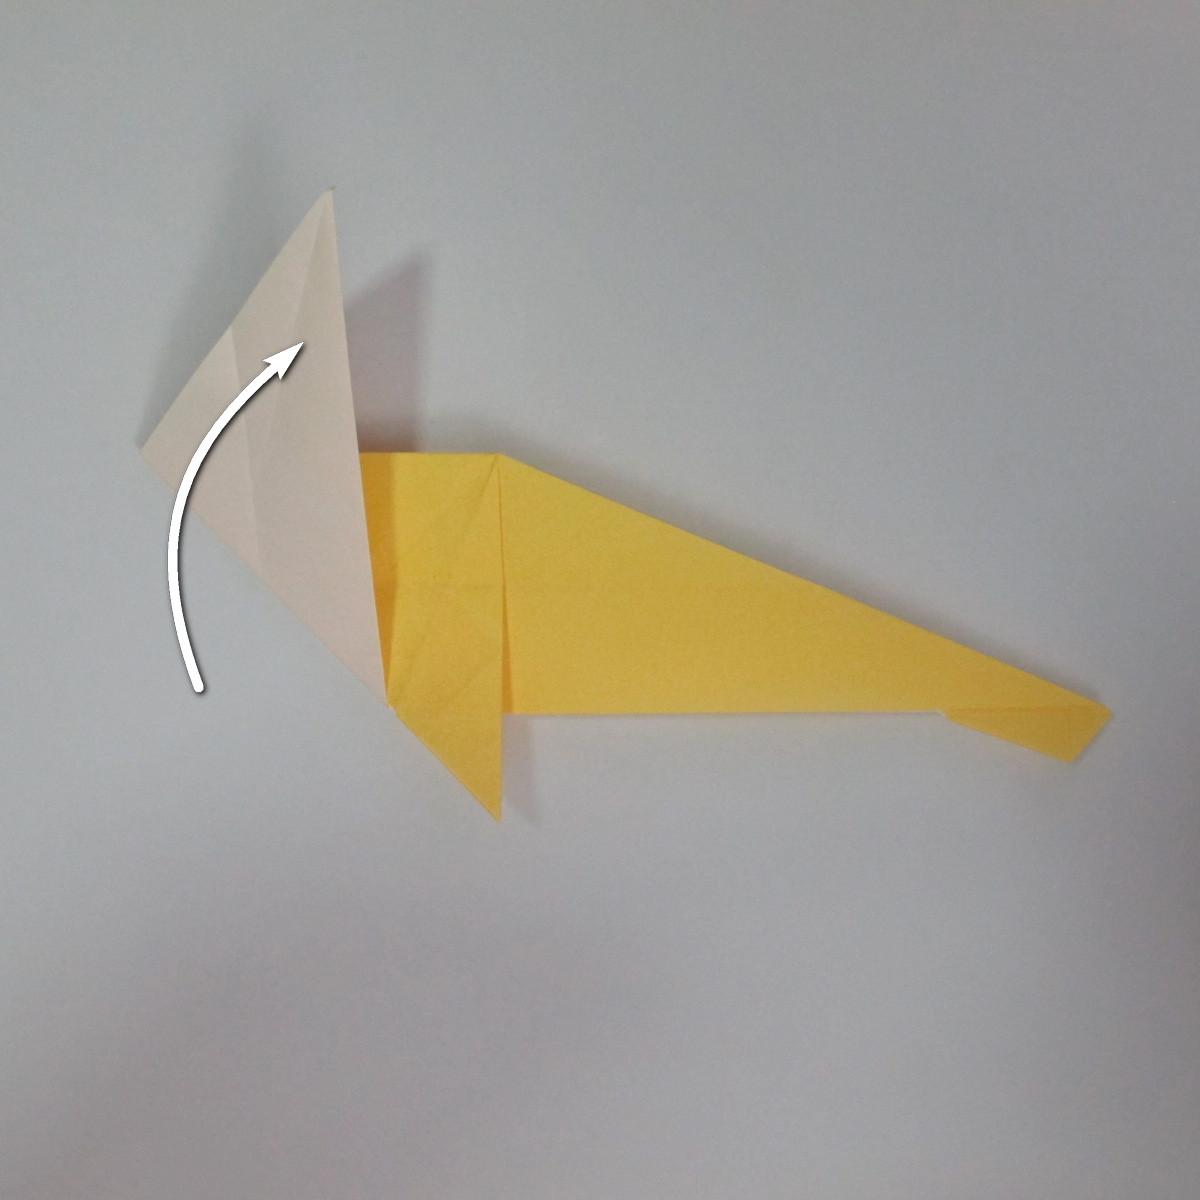 สอนวิธีพับกระดาษเป็นรูปลูกสุนัขยืนสองขา แบบของพอล ฟราสโก้ (Down Boy Dog Origami) 048